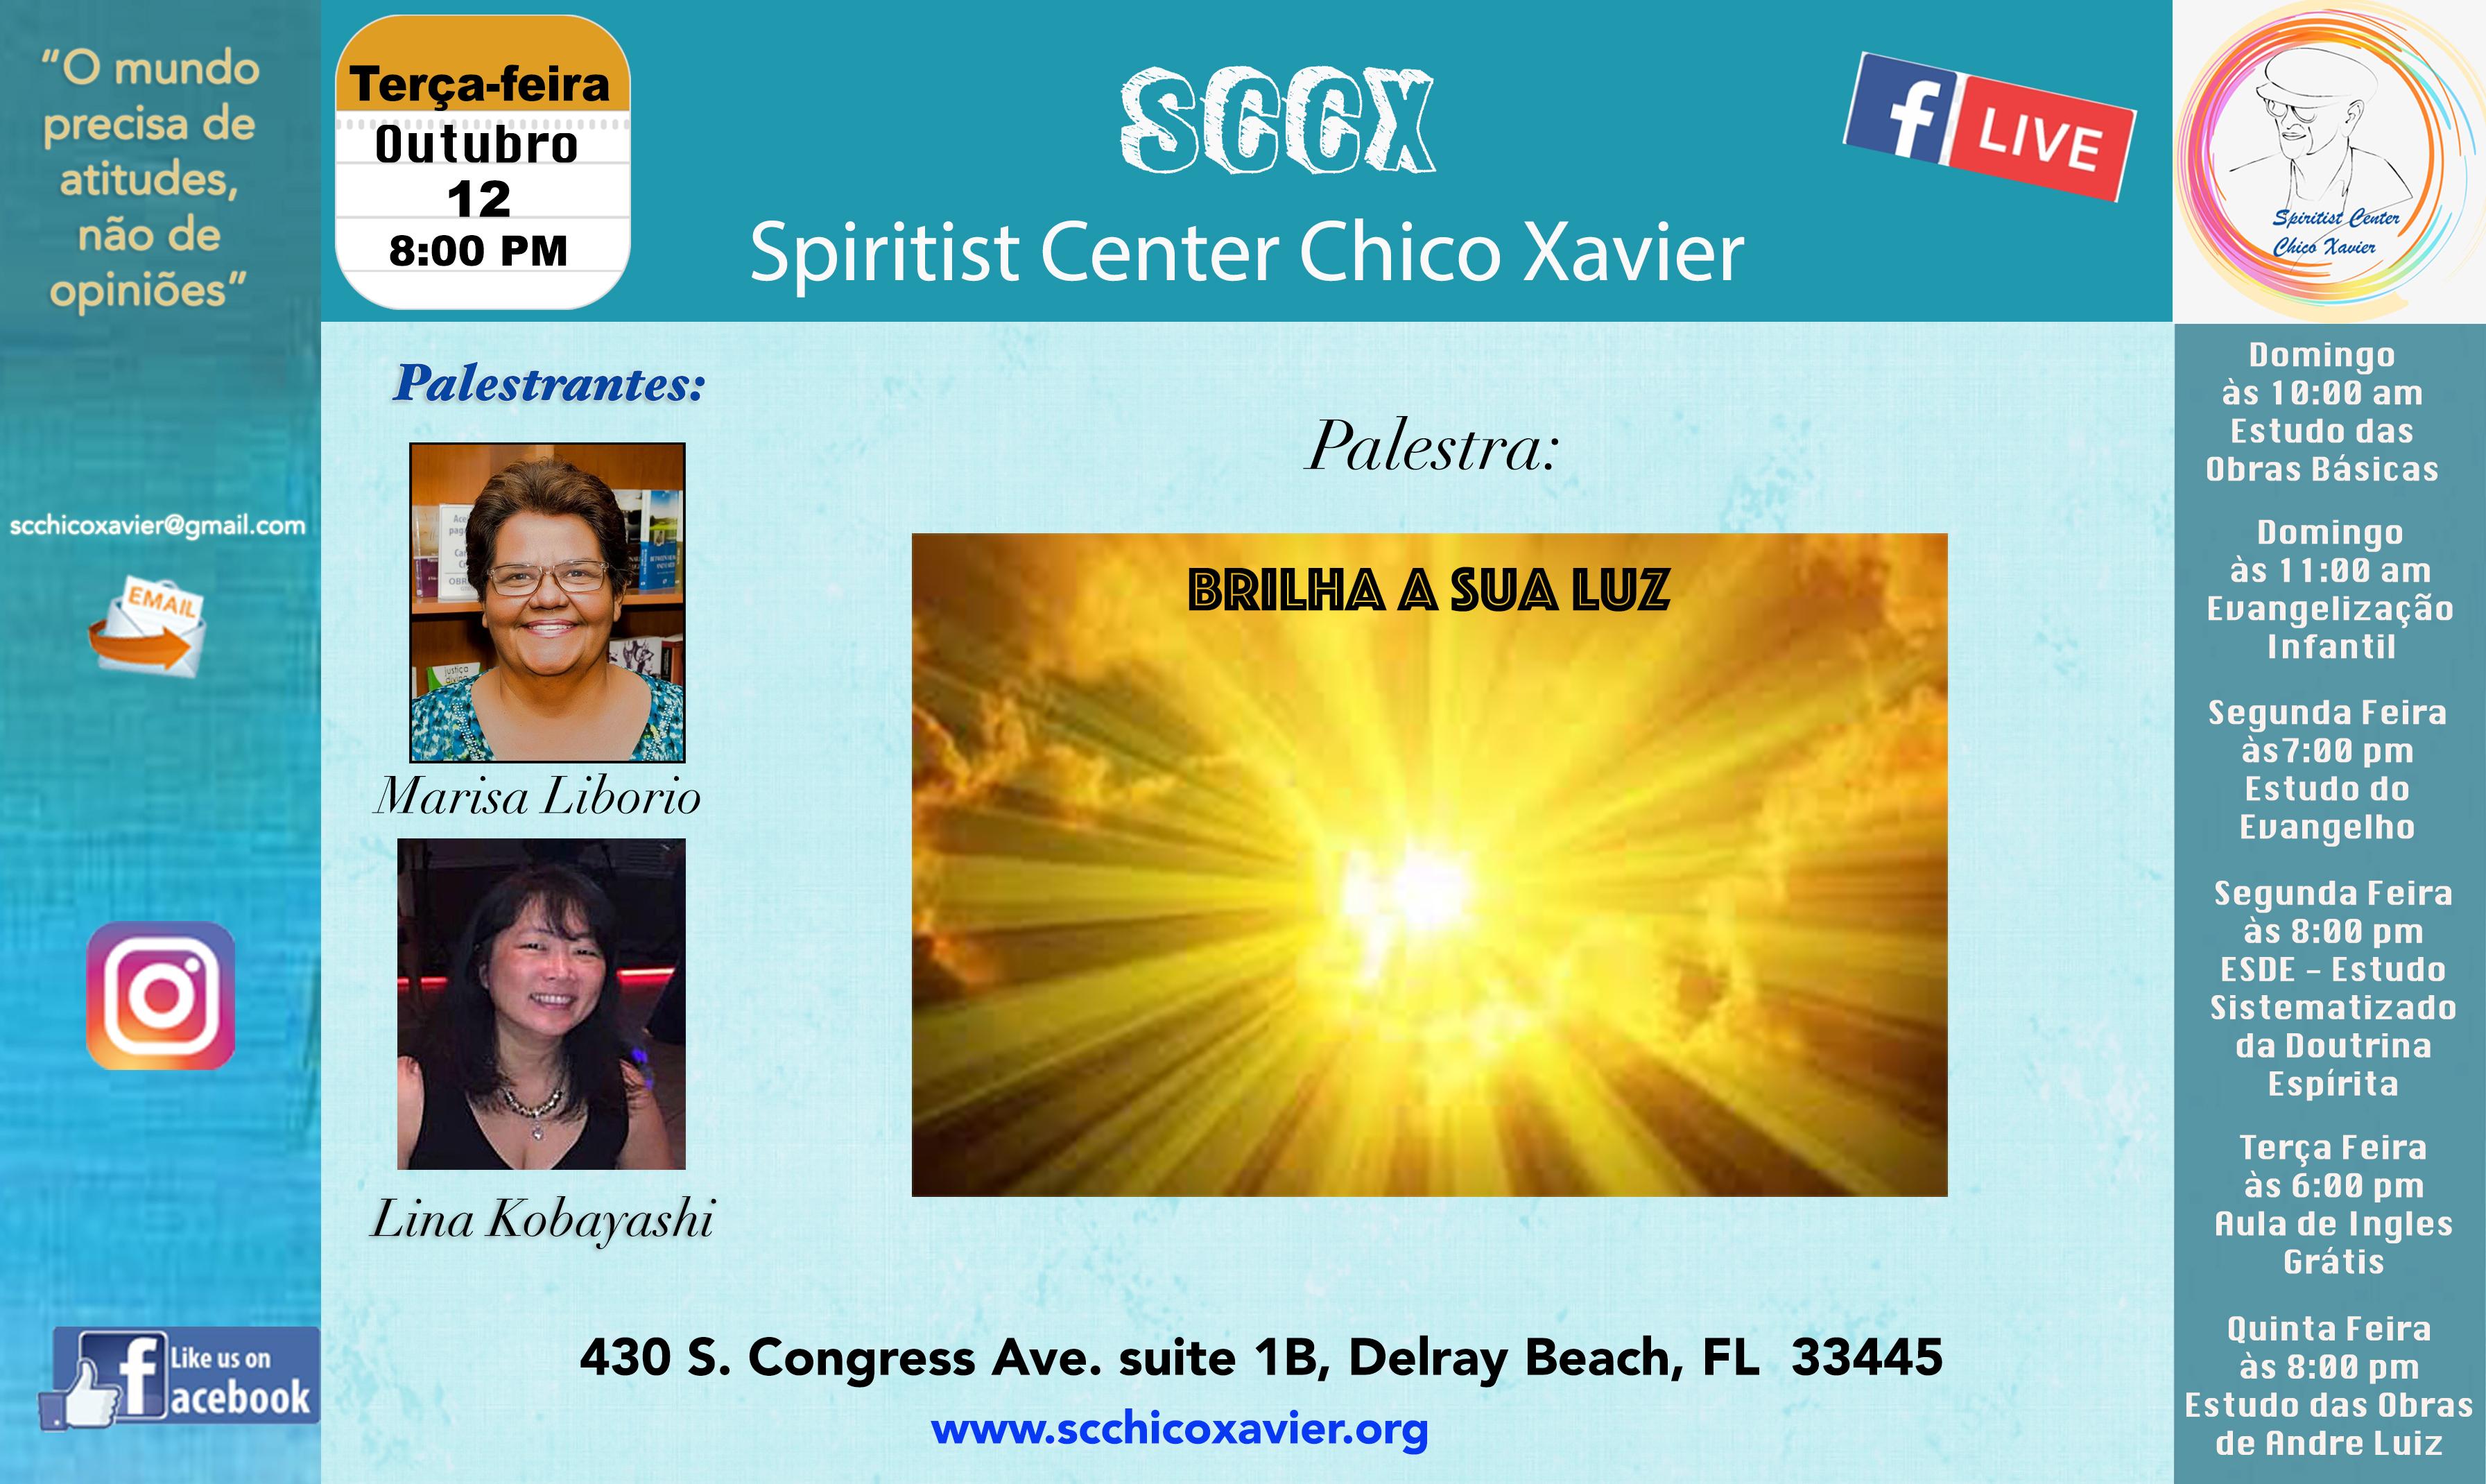 Marisa Liborio e Lina Kobayashi -Brilha a sua luz